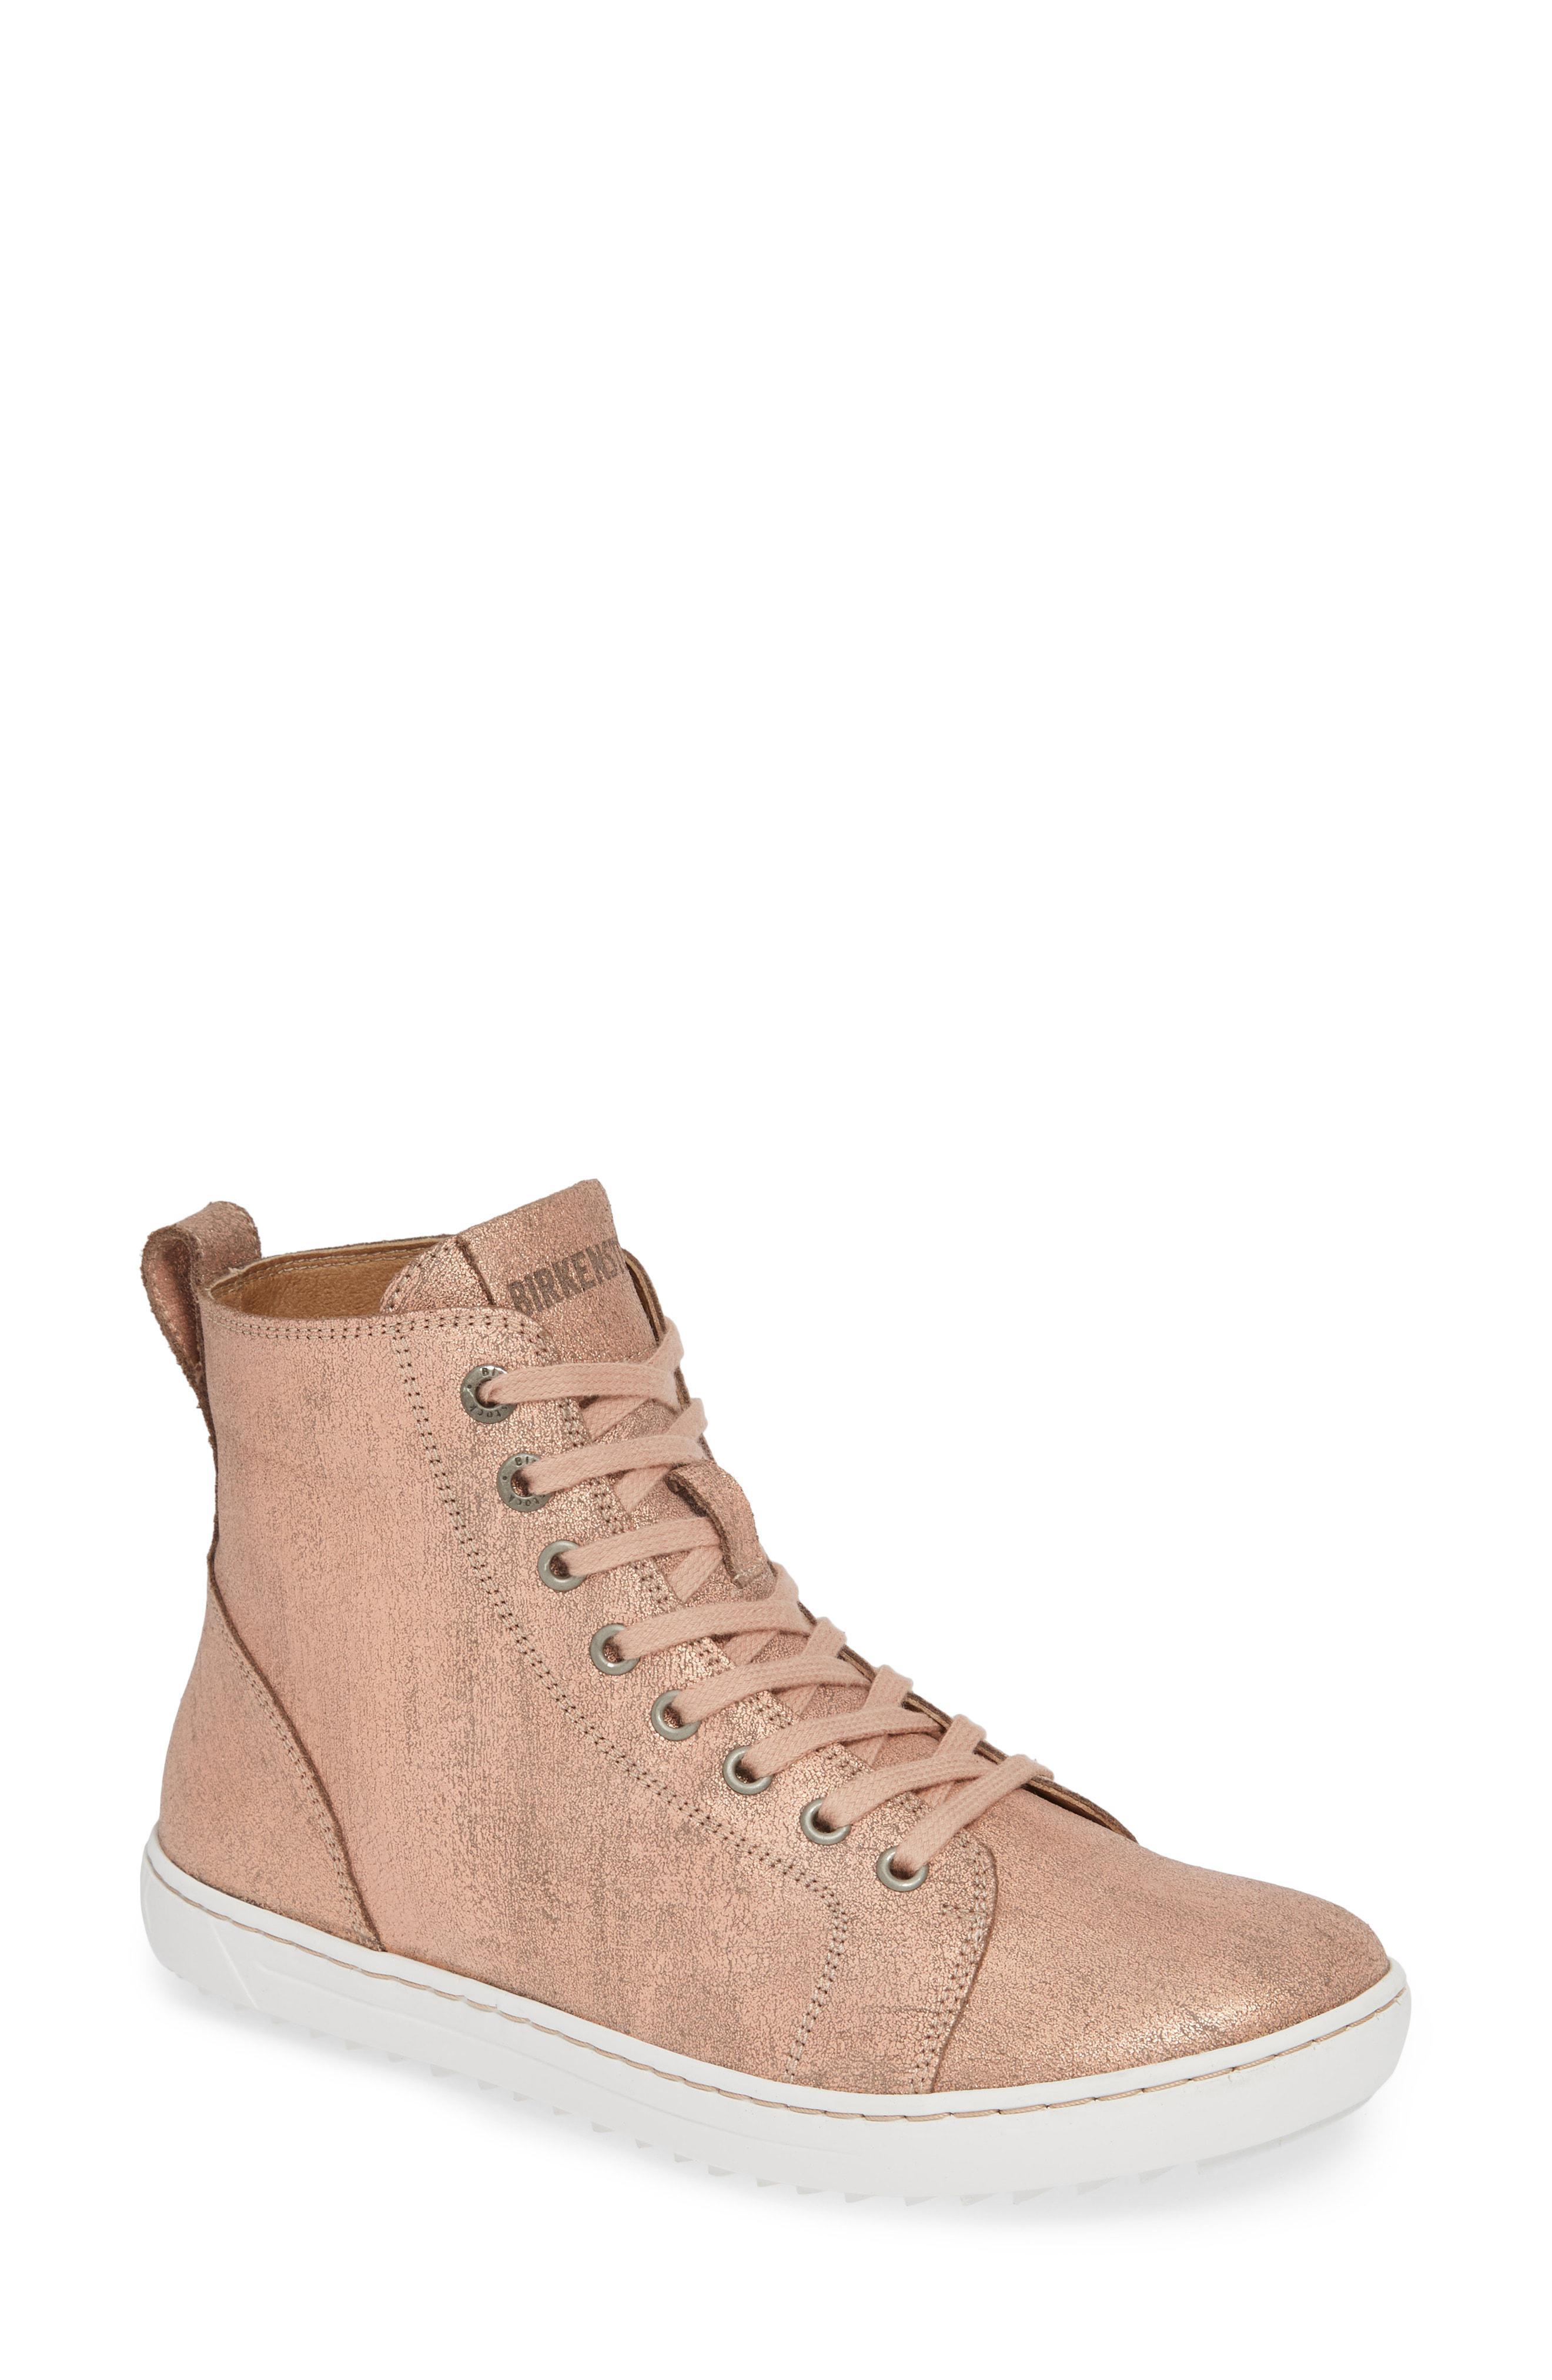 a8db6969135d Birkenstock - Brown Bartlett High Top Sneaker - Lyst. View fullscreen